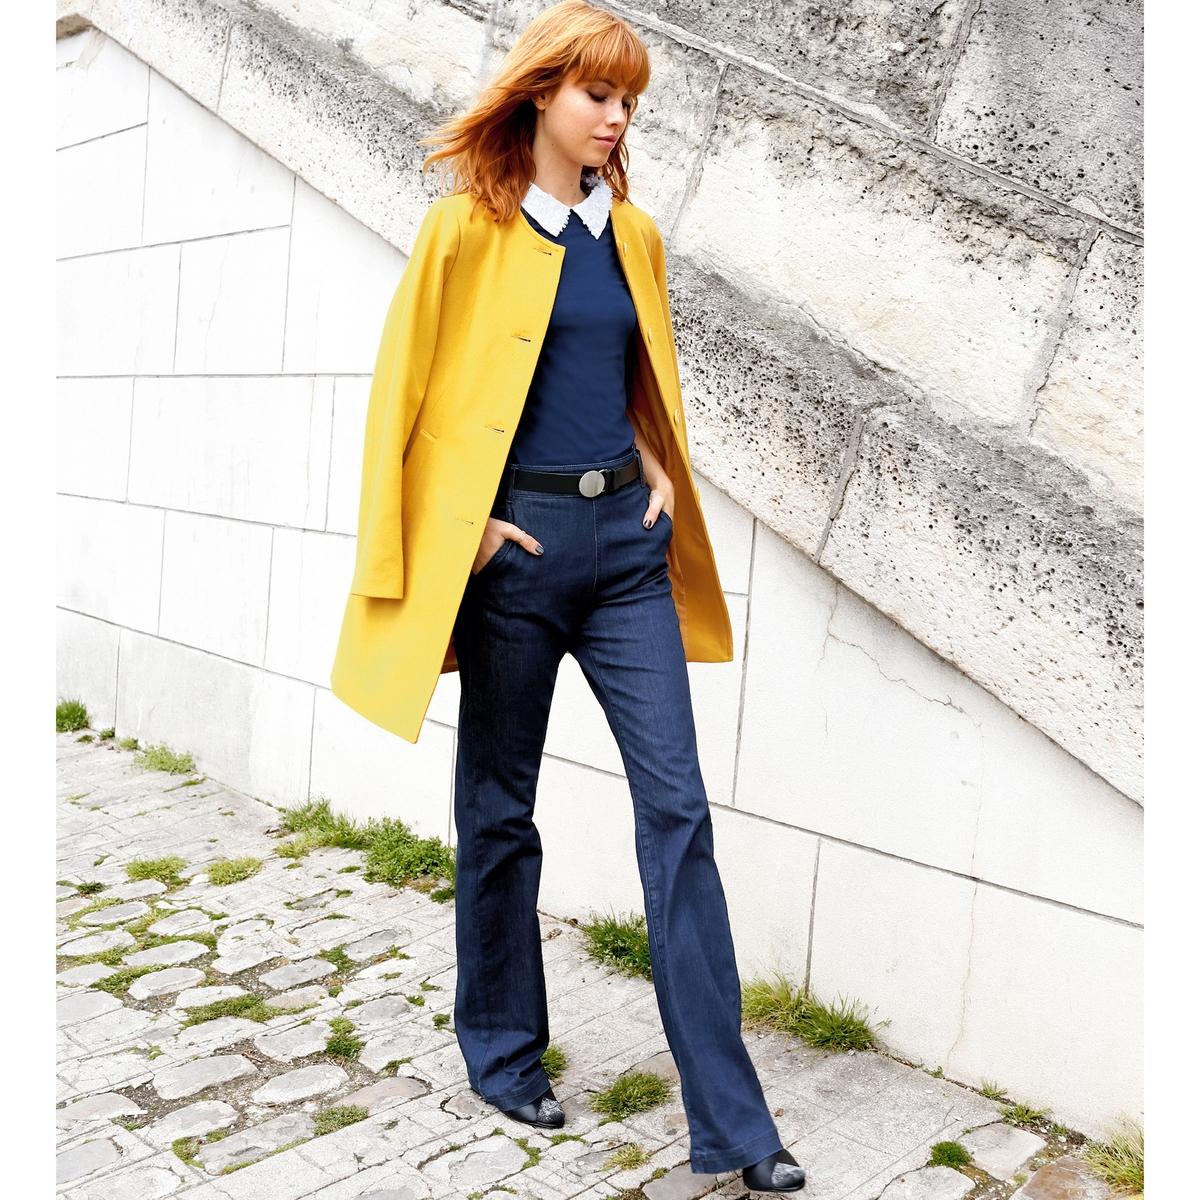 Пальто длинное 50% шерстиПальто длинное без воротника из шерстяного драпа. Длинные рукава. Застежка на пуговицы. 2 прорезных кармана. Вышивка золотистый бант вверху спинки .Состав и описание : Материал 50% шерсти, 40% полиэстера, 5% акрила, 5% других волокон Подкладка    100% полиэстераДлина 85 см Бренд: Mademoiselle R Уход :Сухая чистка..Машинная сушка запрещена.Гладить при умеренной температуре..<br><br>Цвет: желтый<br>Размер: 38 (FR) - 44 (RUS).44 (FR) - 50 (RUS)